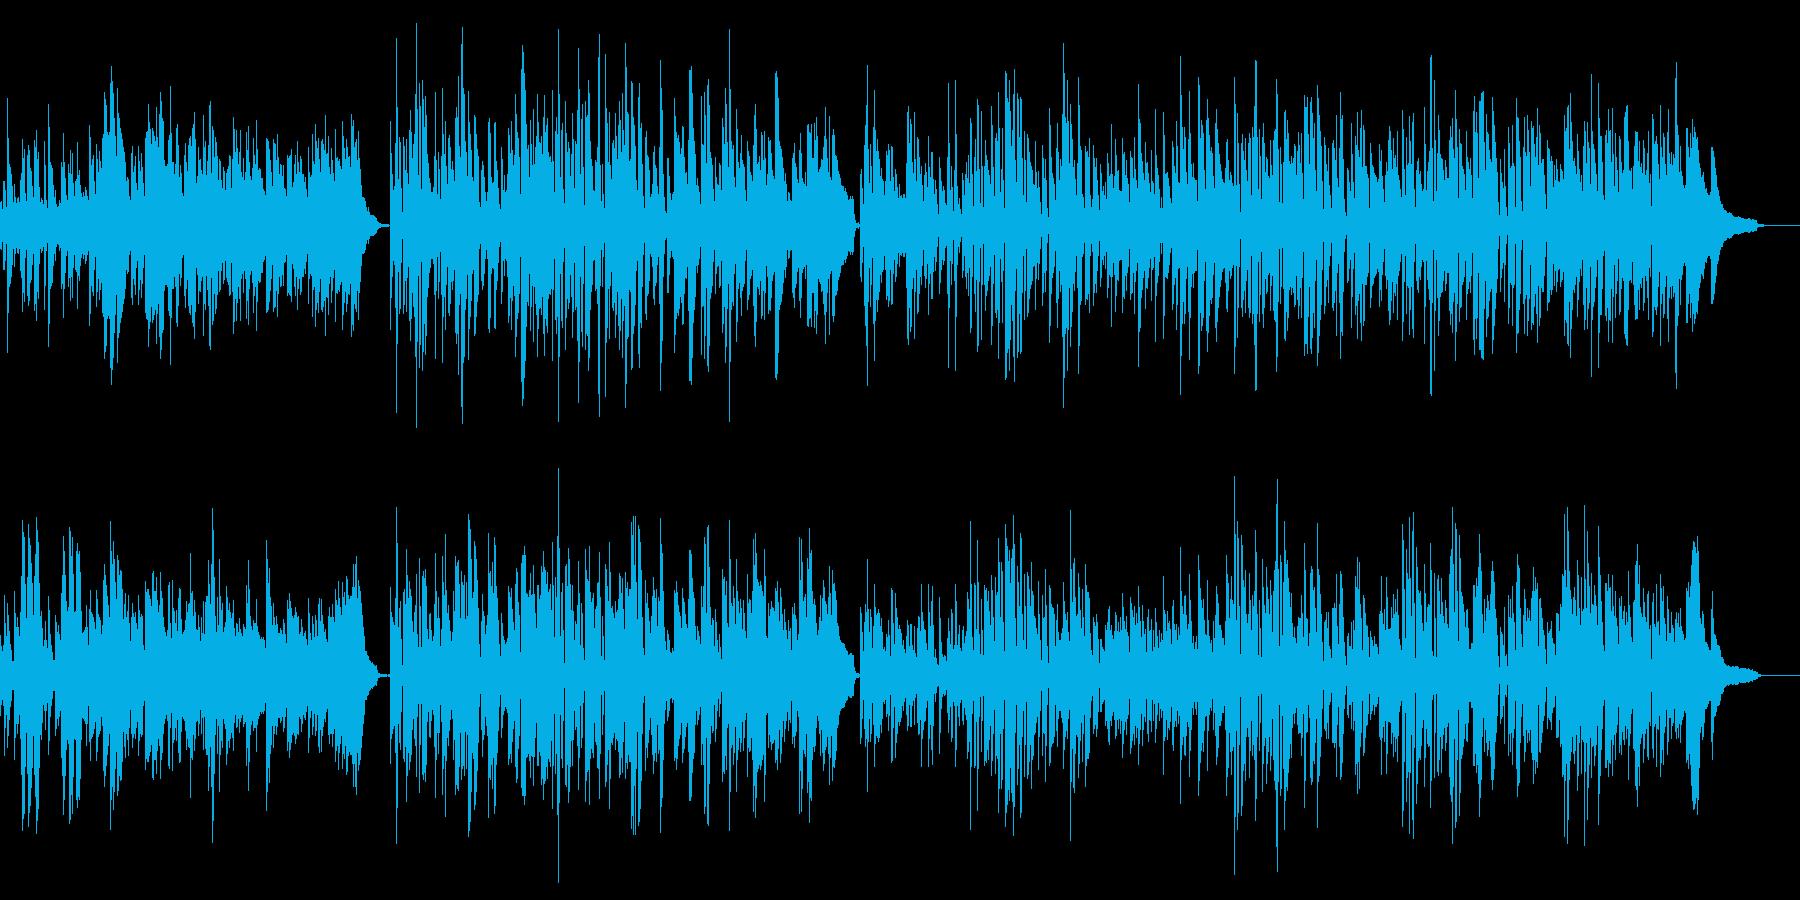 クラシックピアノ名曲 軽快で明るいソナタの再生済みの波形